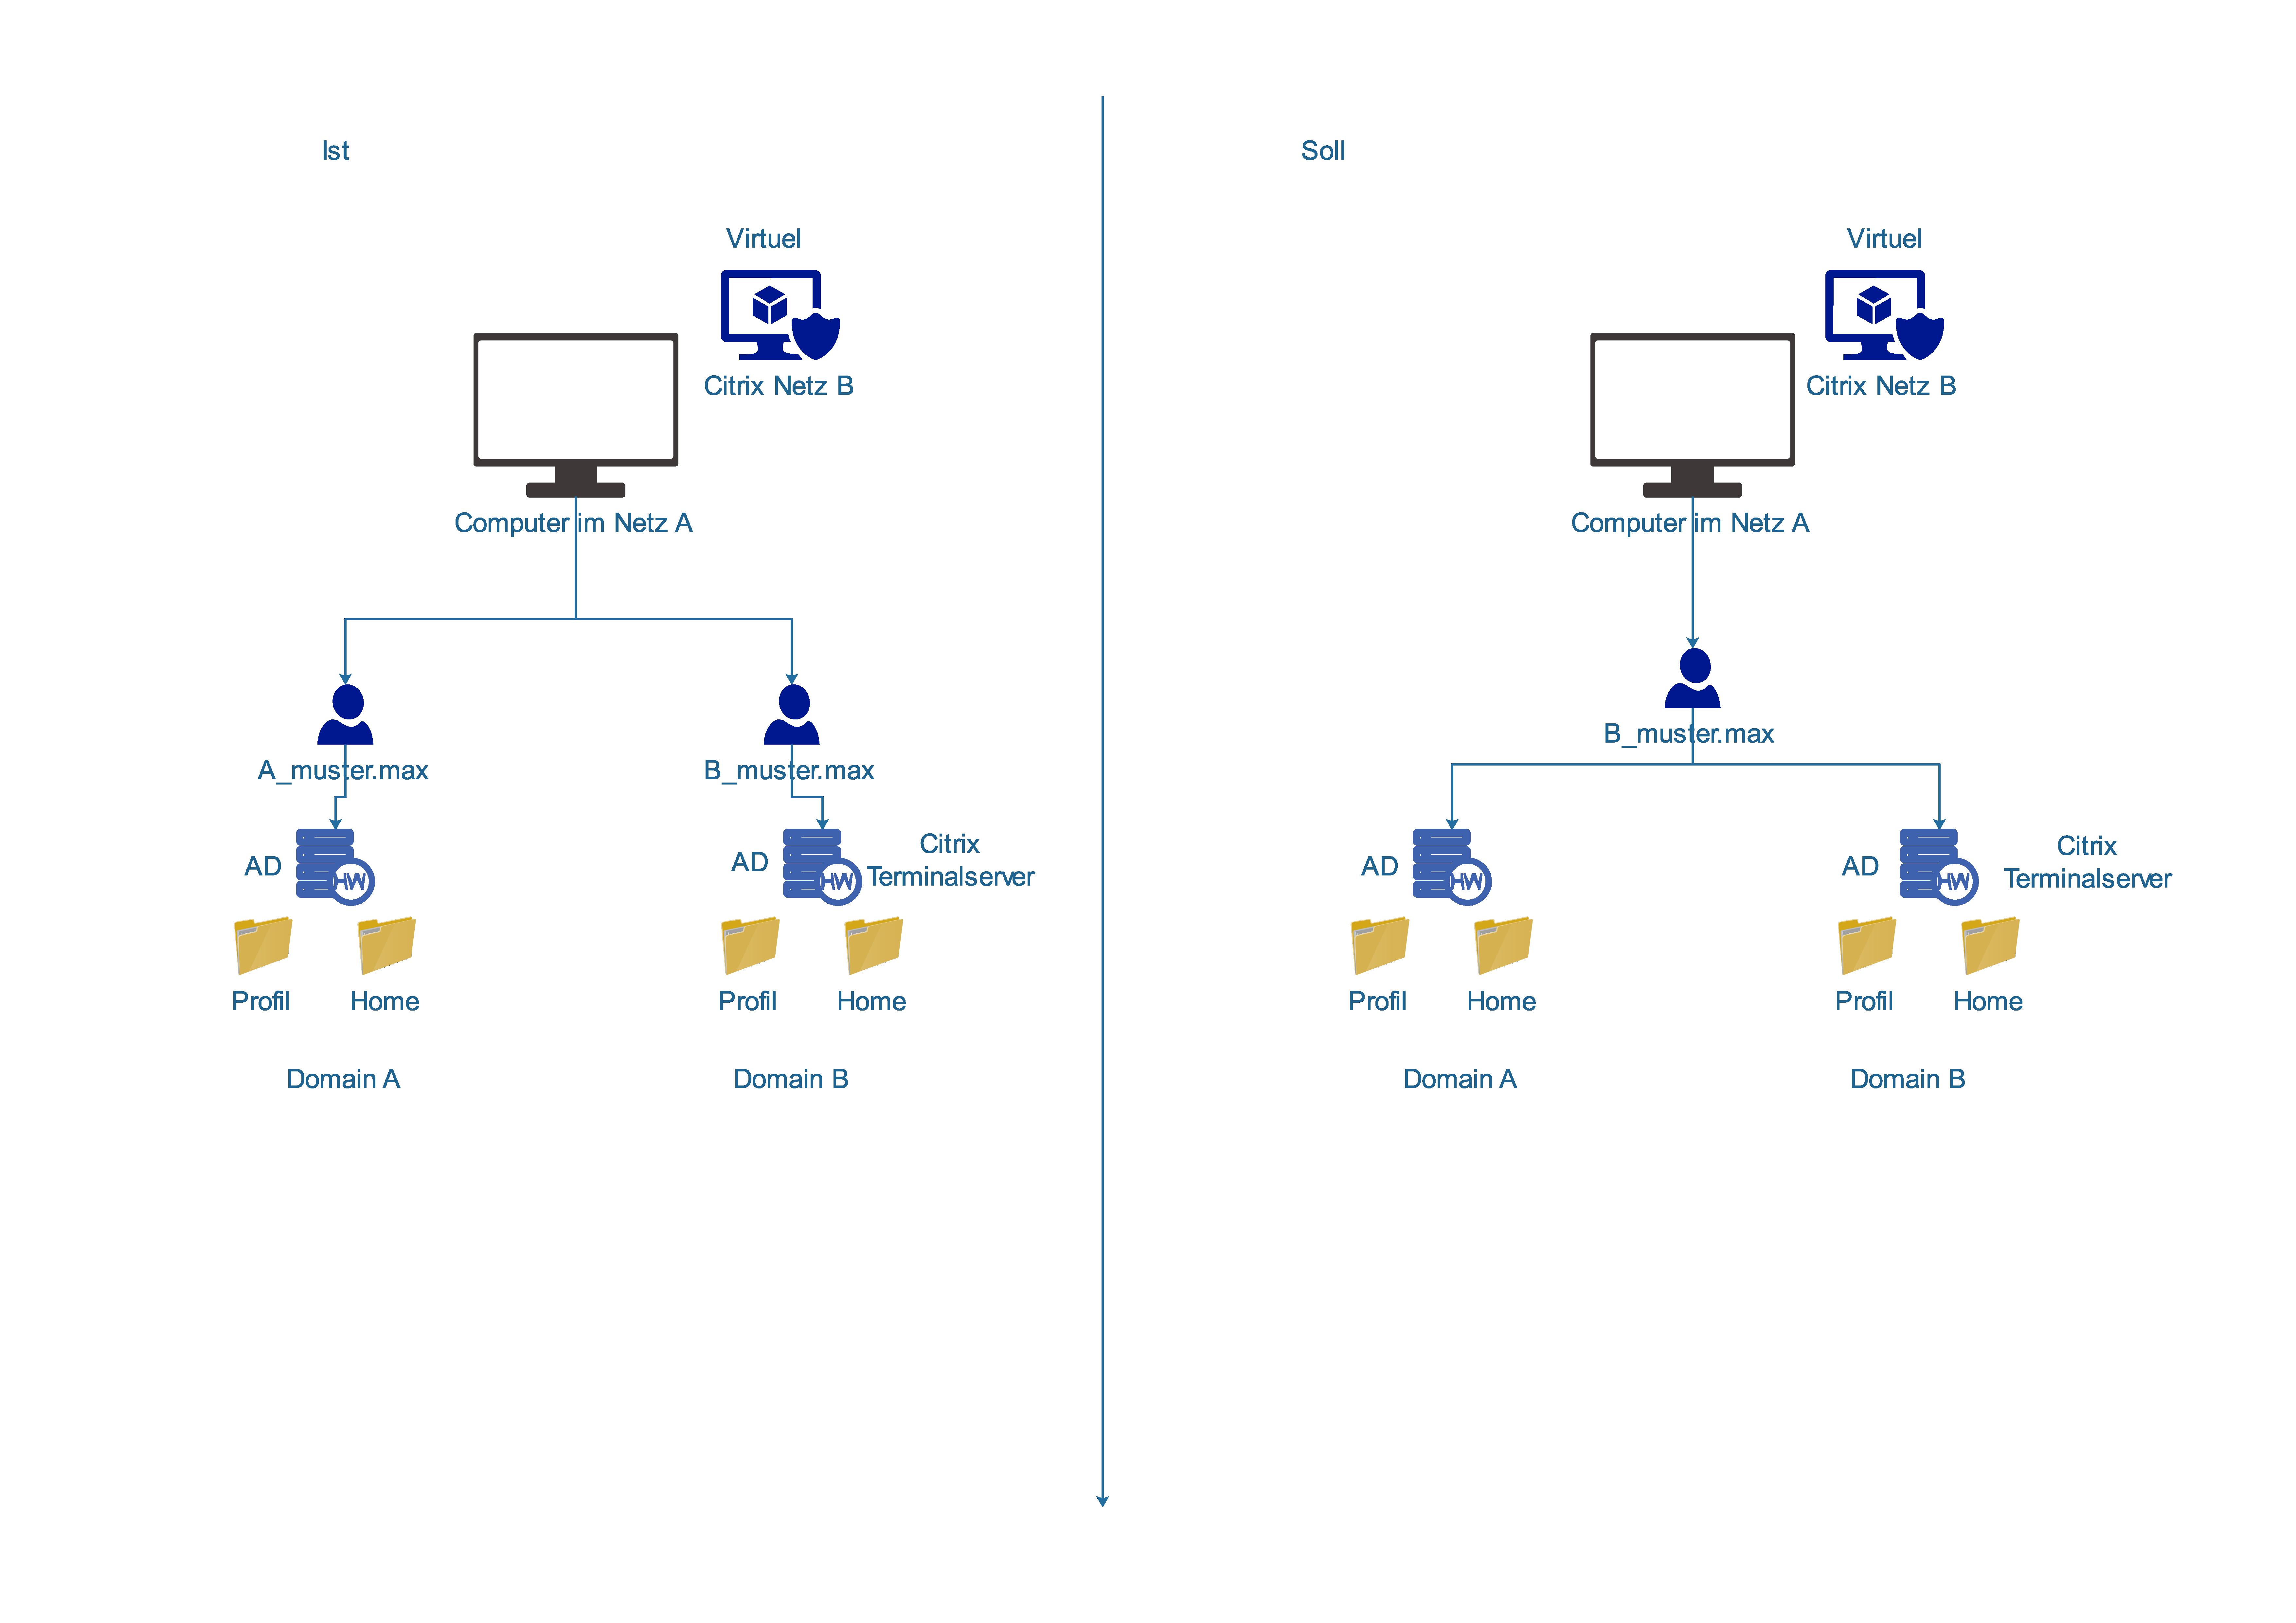 2 Domain, 2 Infrastruktur, 1 Login